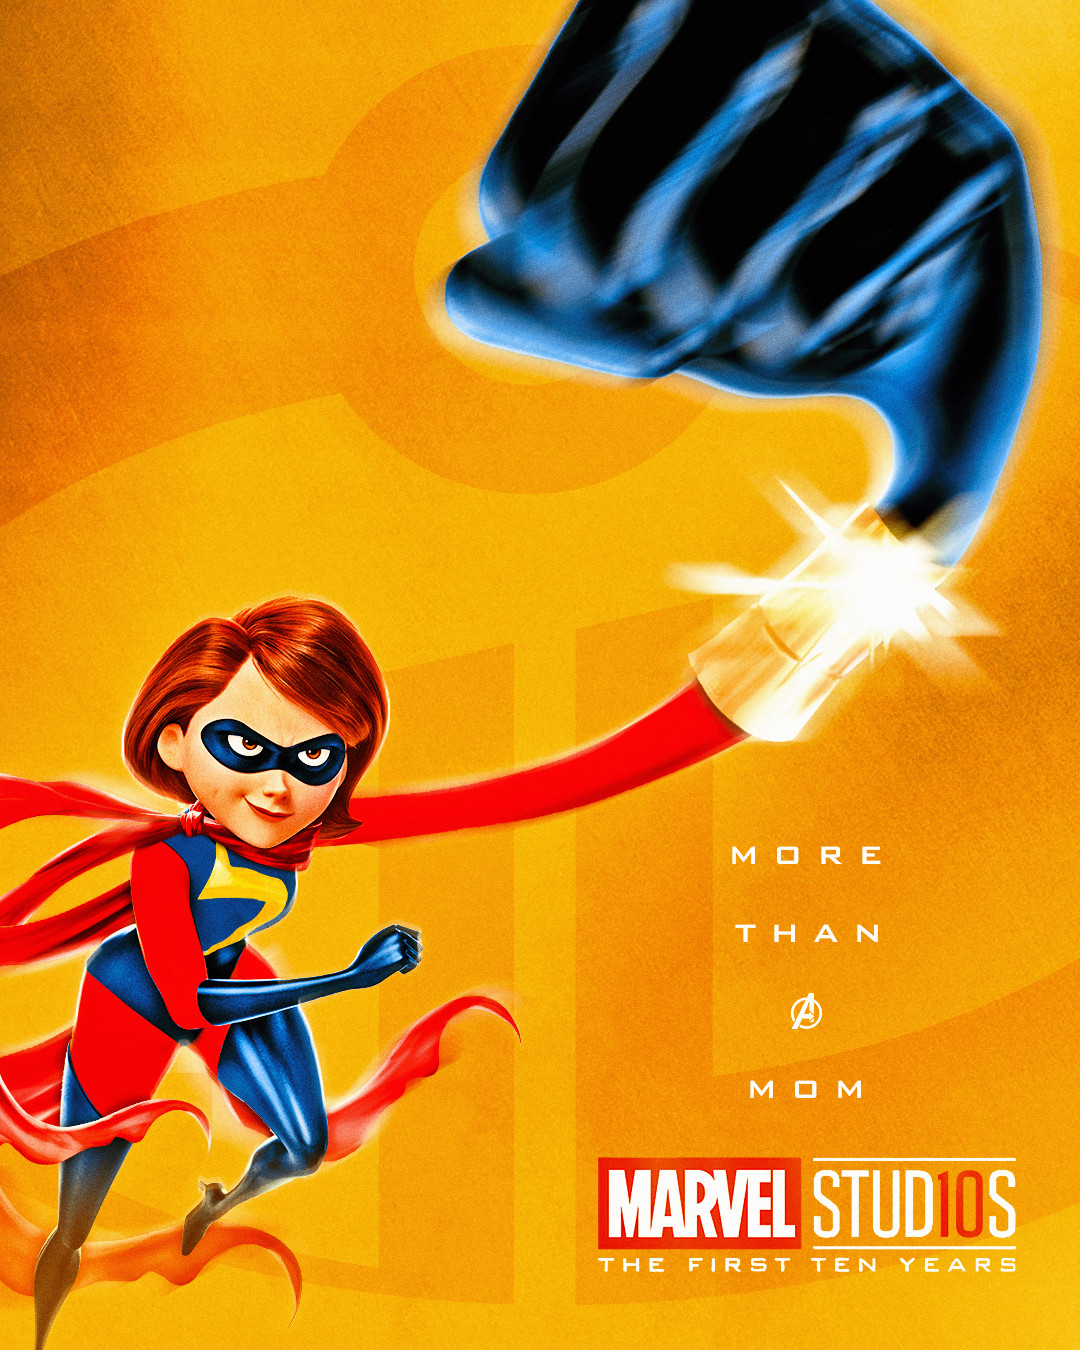 Elastigirl x Ms. Marvel